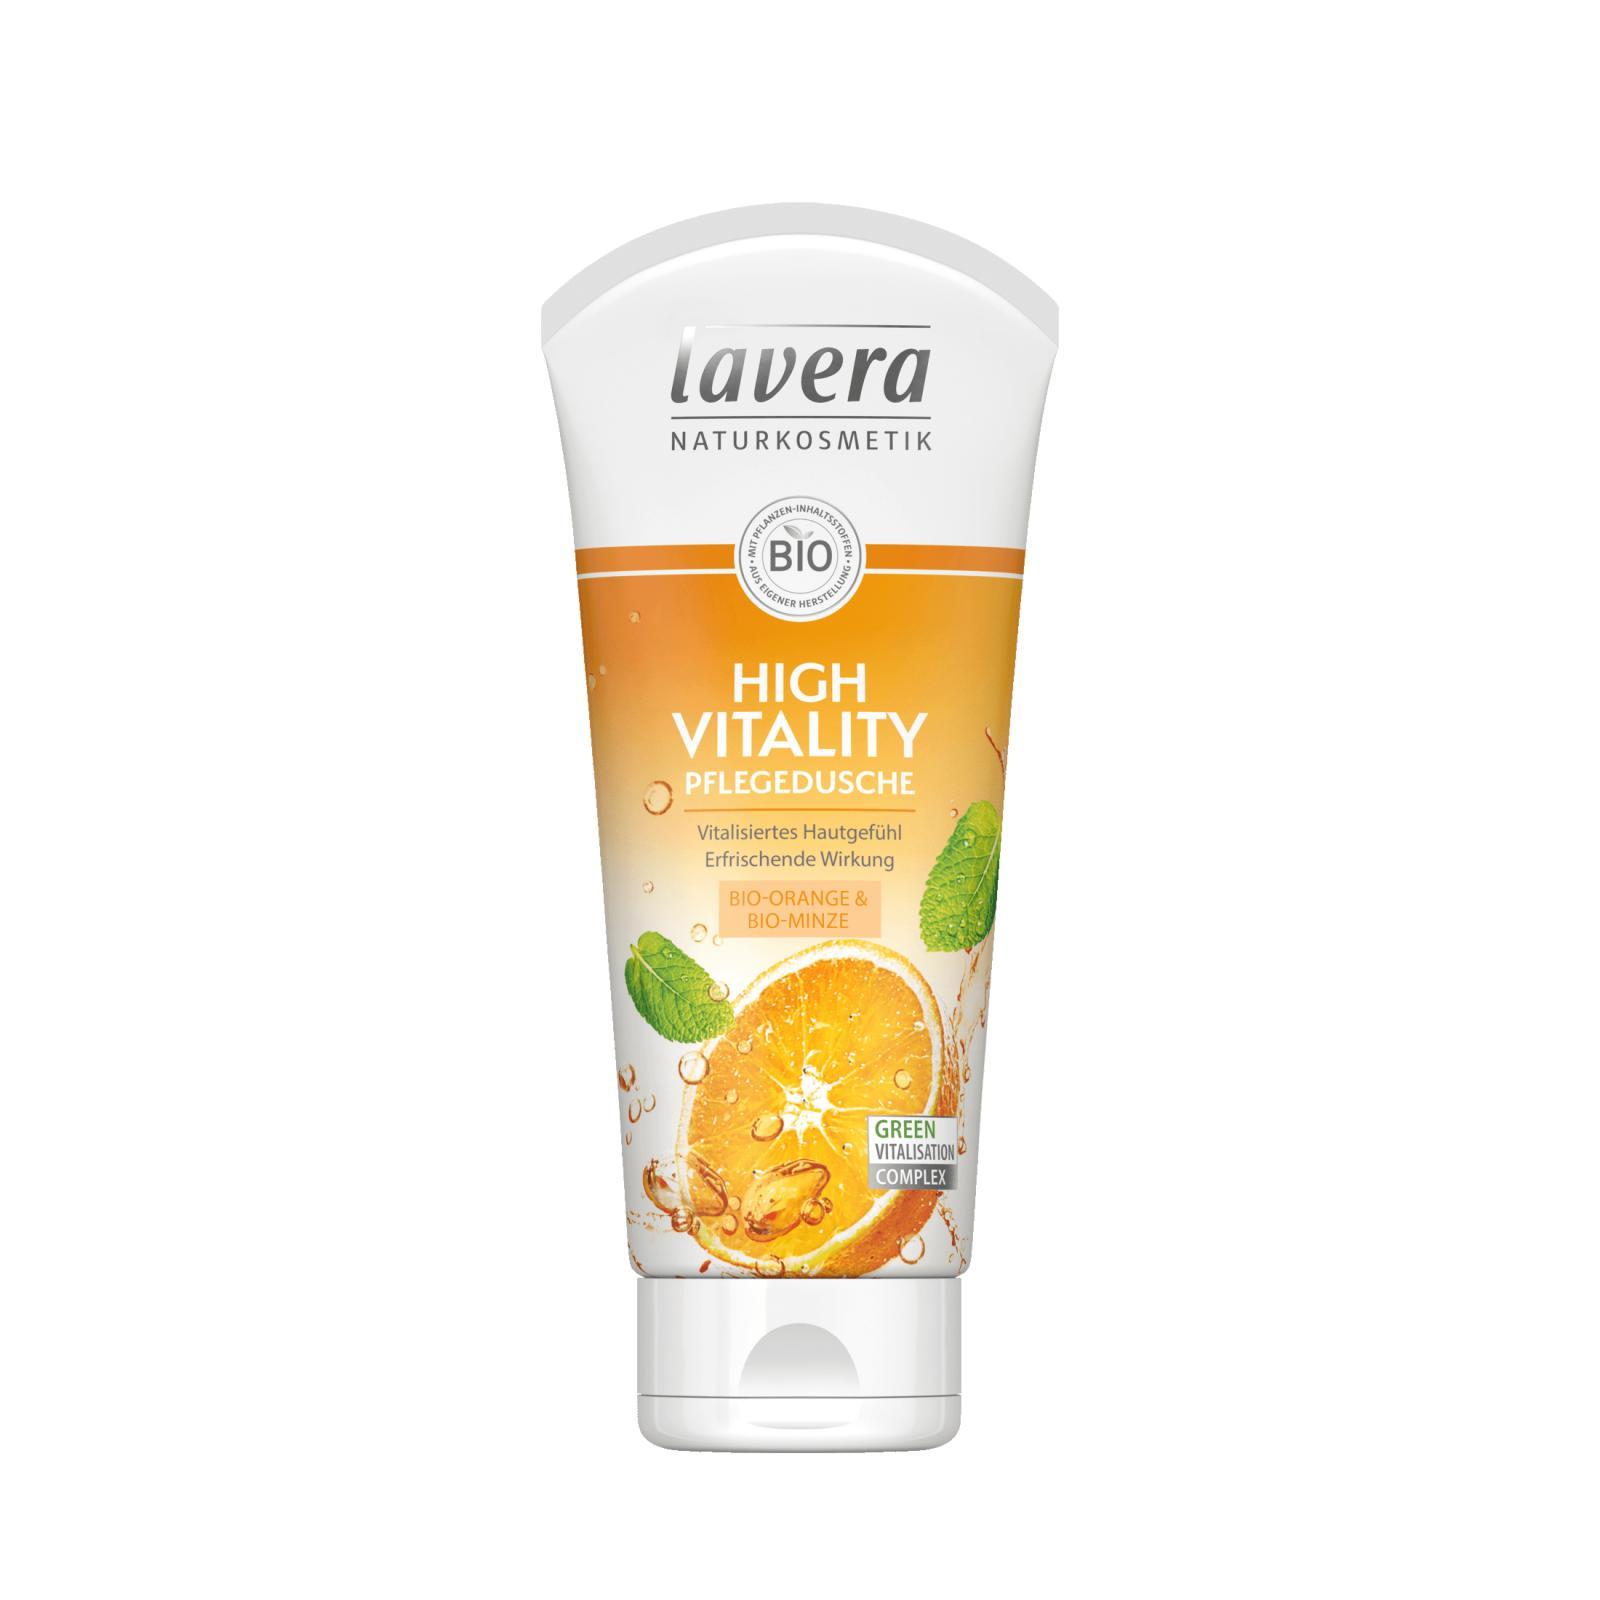 Lavera Sprchový gel High Vitality 200 ml